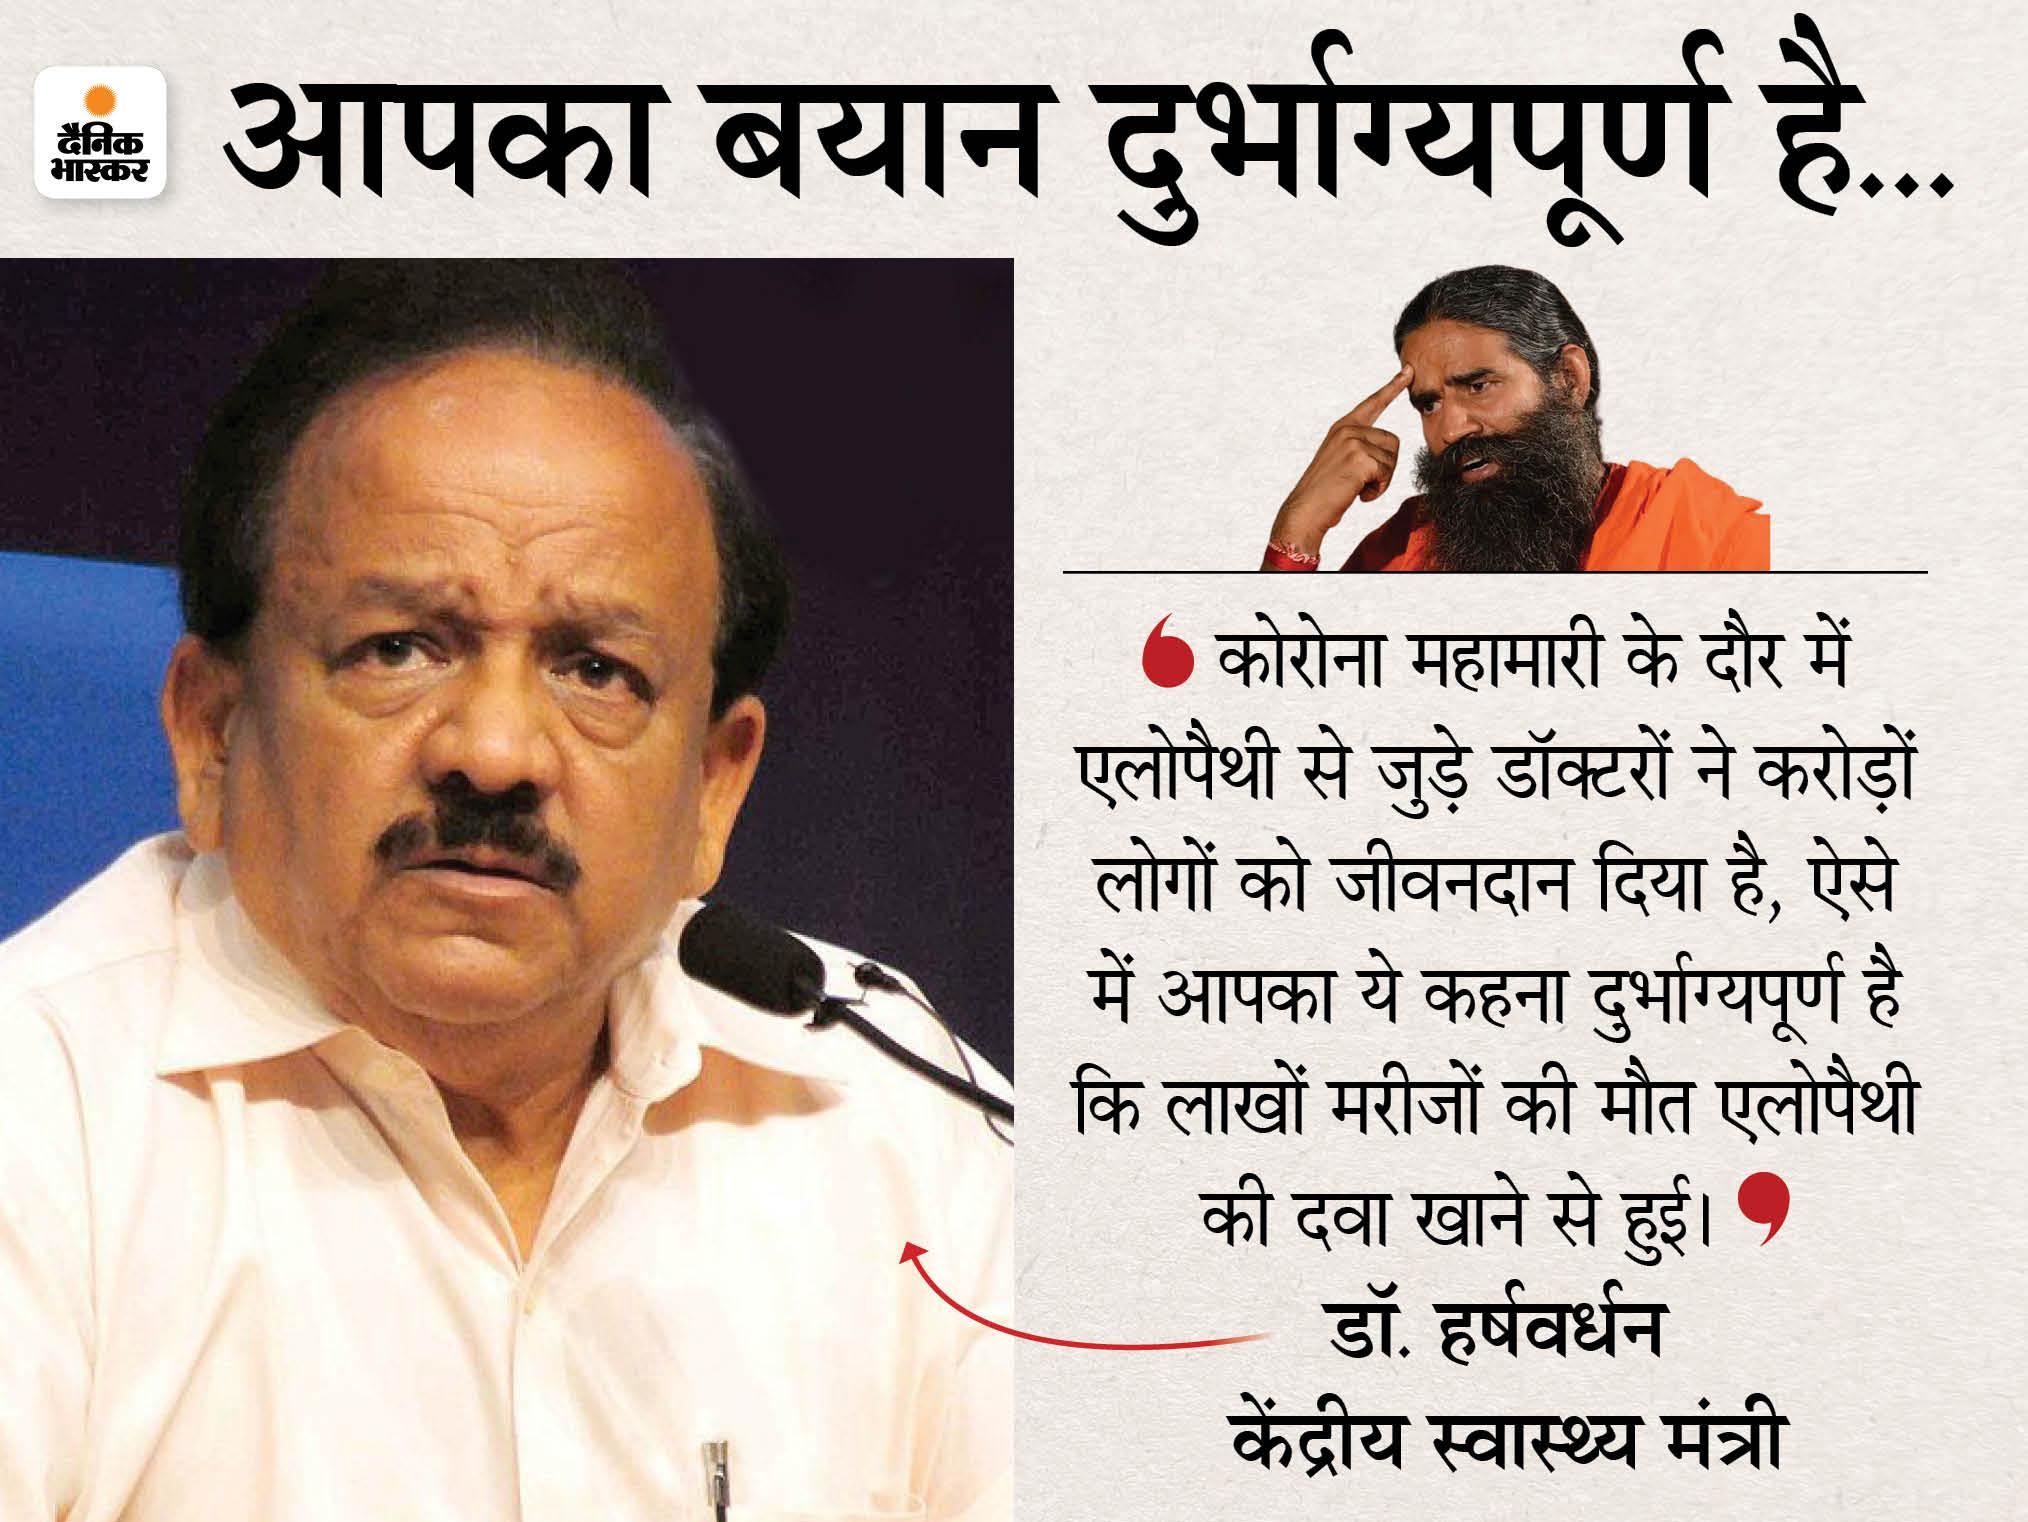 स्वास्थ्य मंत्री की चिट्ठी के बाद रामदेव ने एलोपैथी पर दिया बयान वापस लिया, अब बोले- इसने कई जानें बचाईं देश,National - Dainik Bhaskar